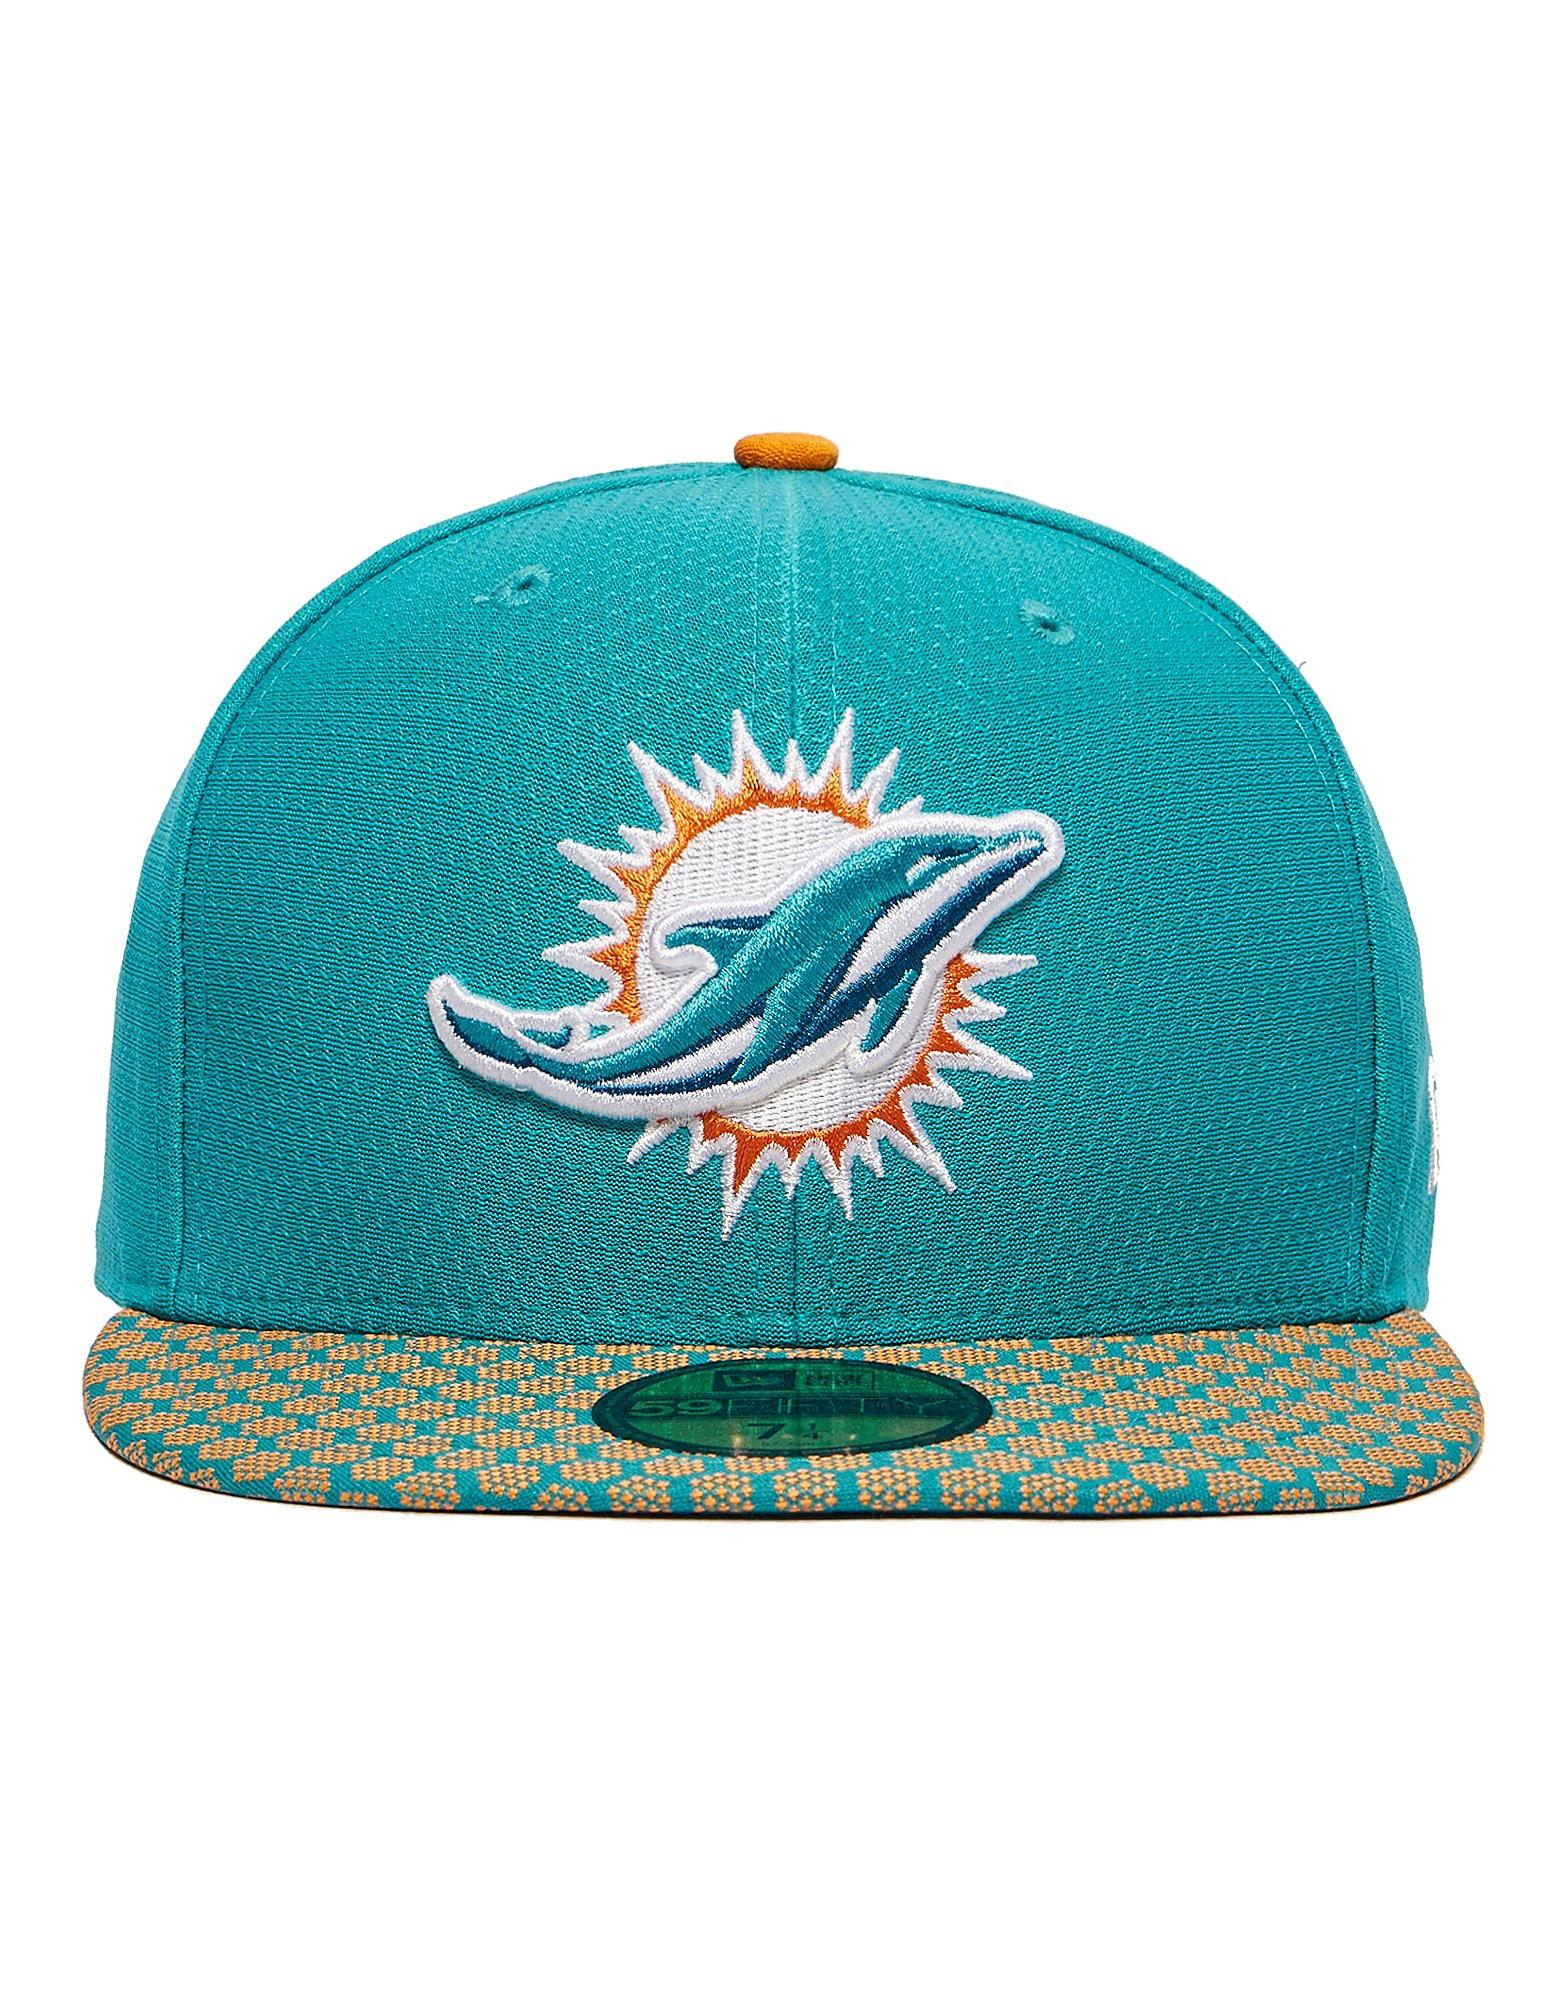 New Era Miami Dolphins 59FIFTY Kappe